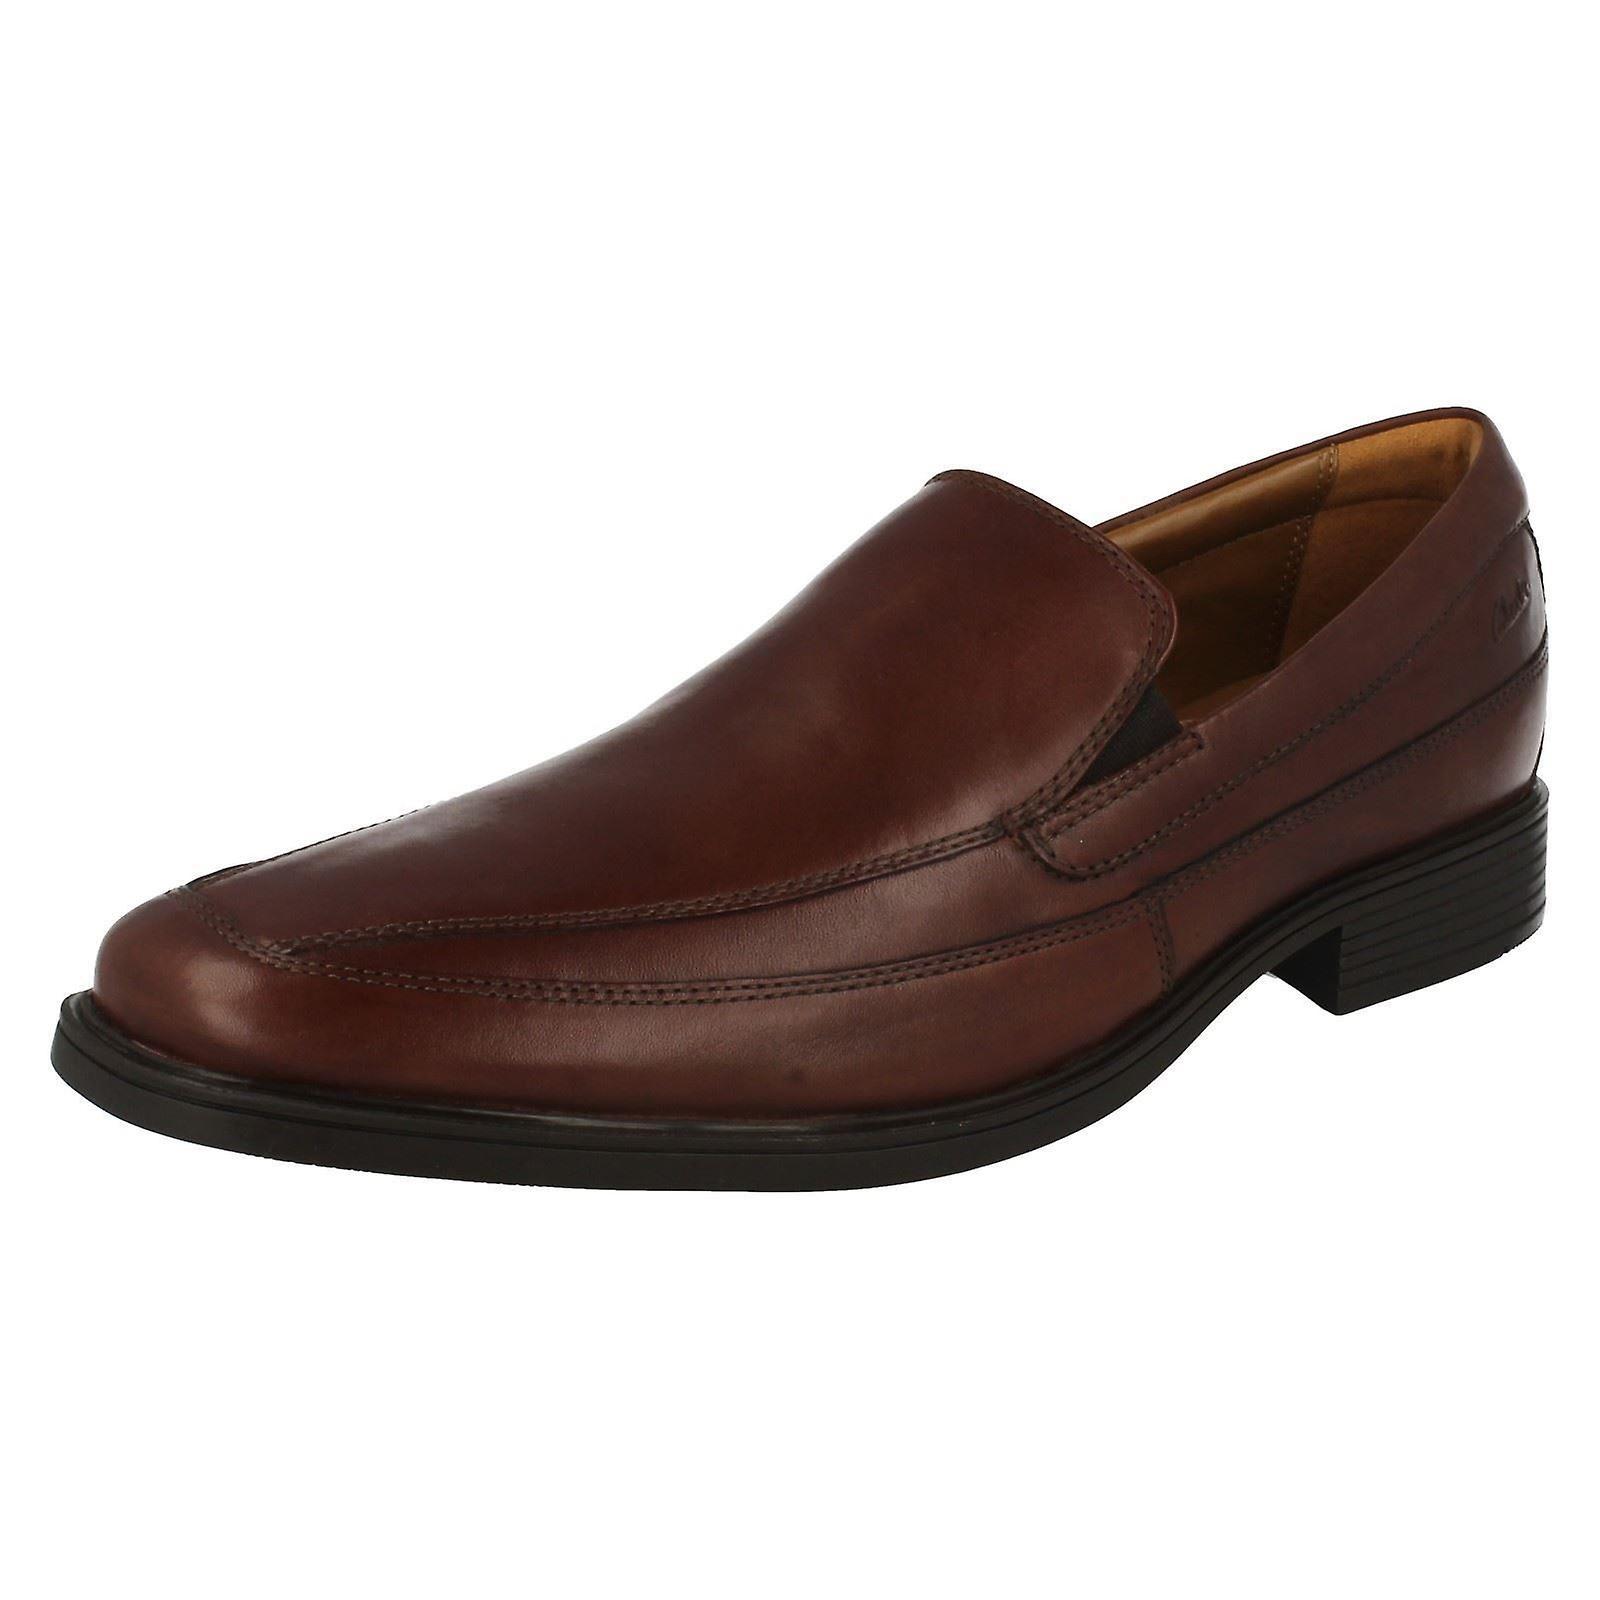 Mens Clarks formelle Slip On chaussures Tilden gratuit